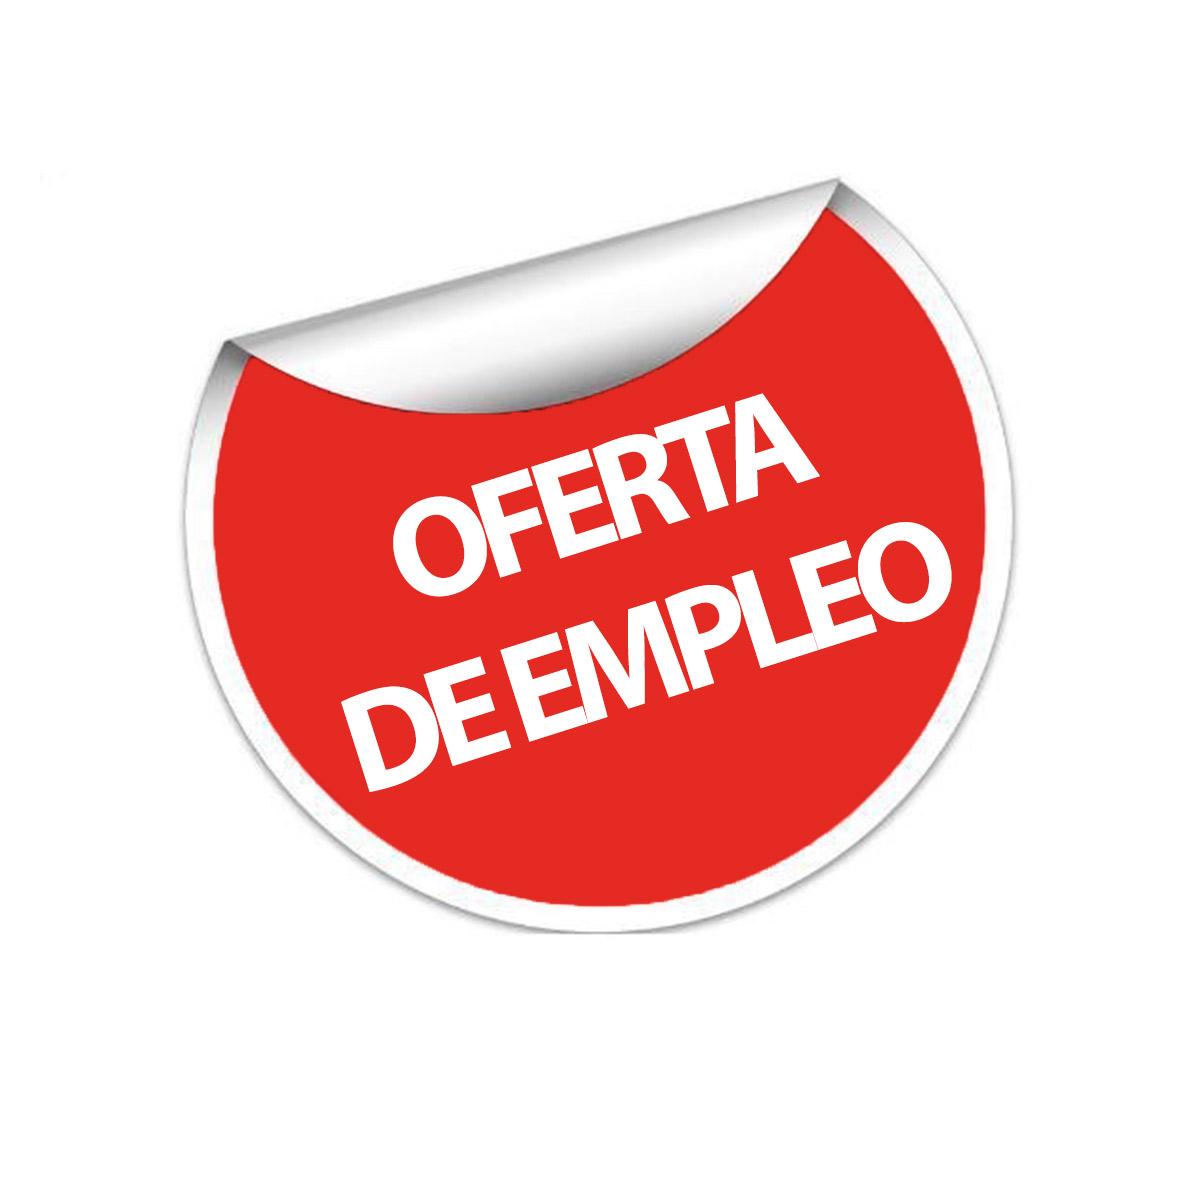 Oferta de empleo cooperativa macotera - Oferta de trabajo ...